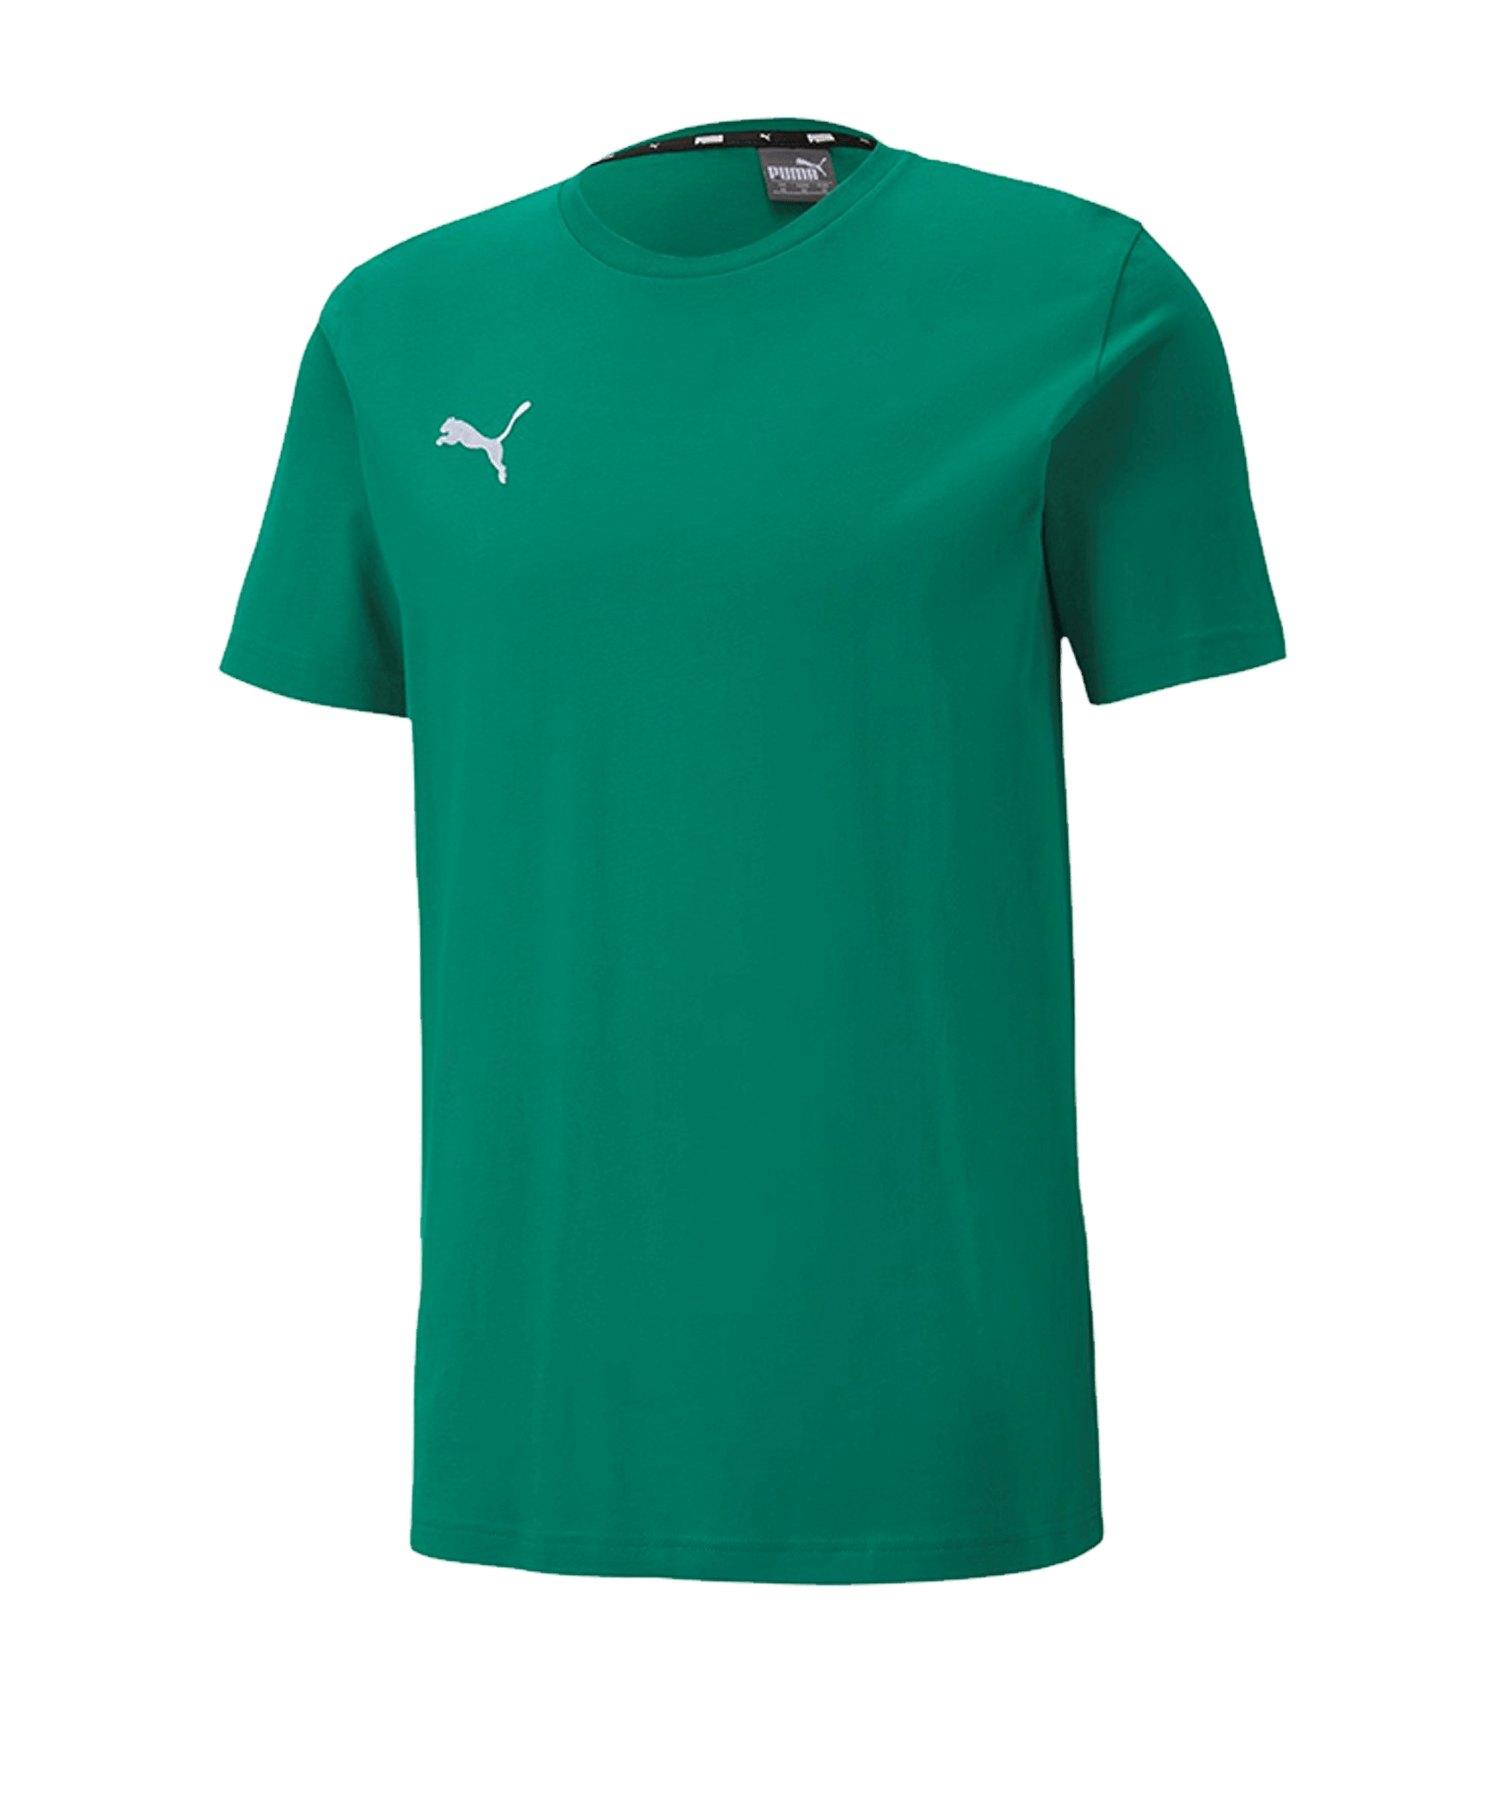 PUMA teamGOAL 23 Casuals Tee T-Shirt Grün F05 - Gruen